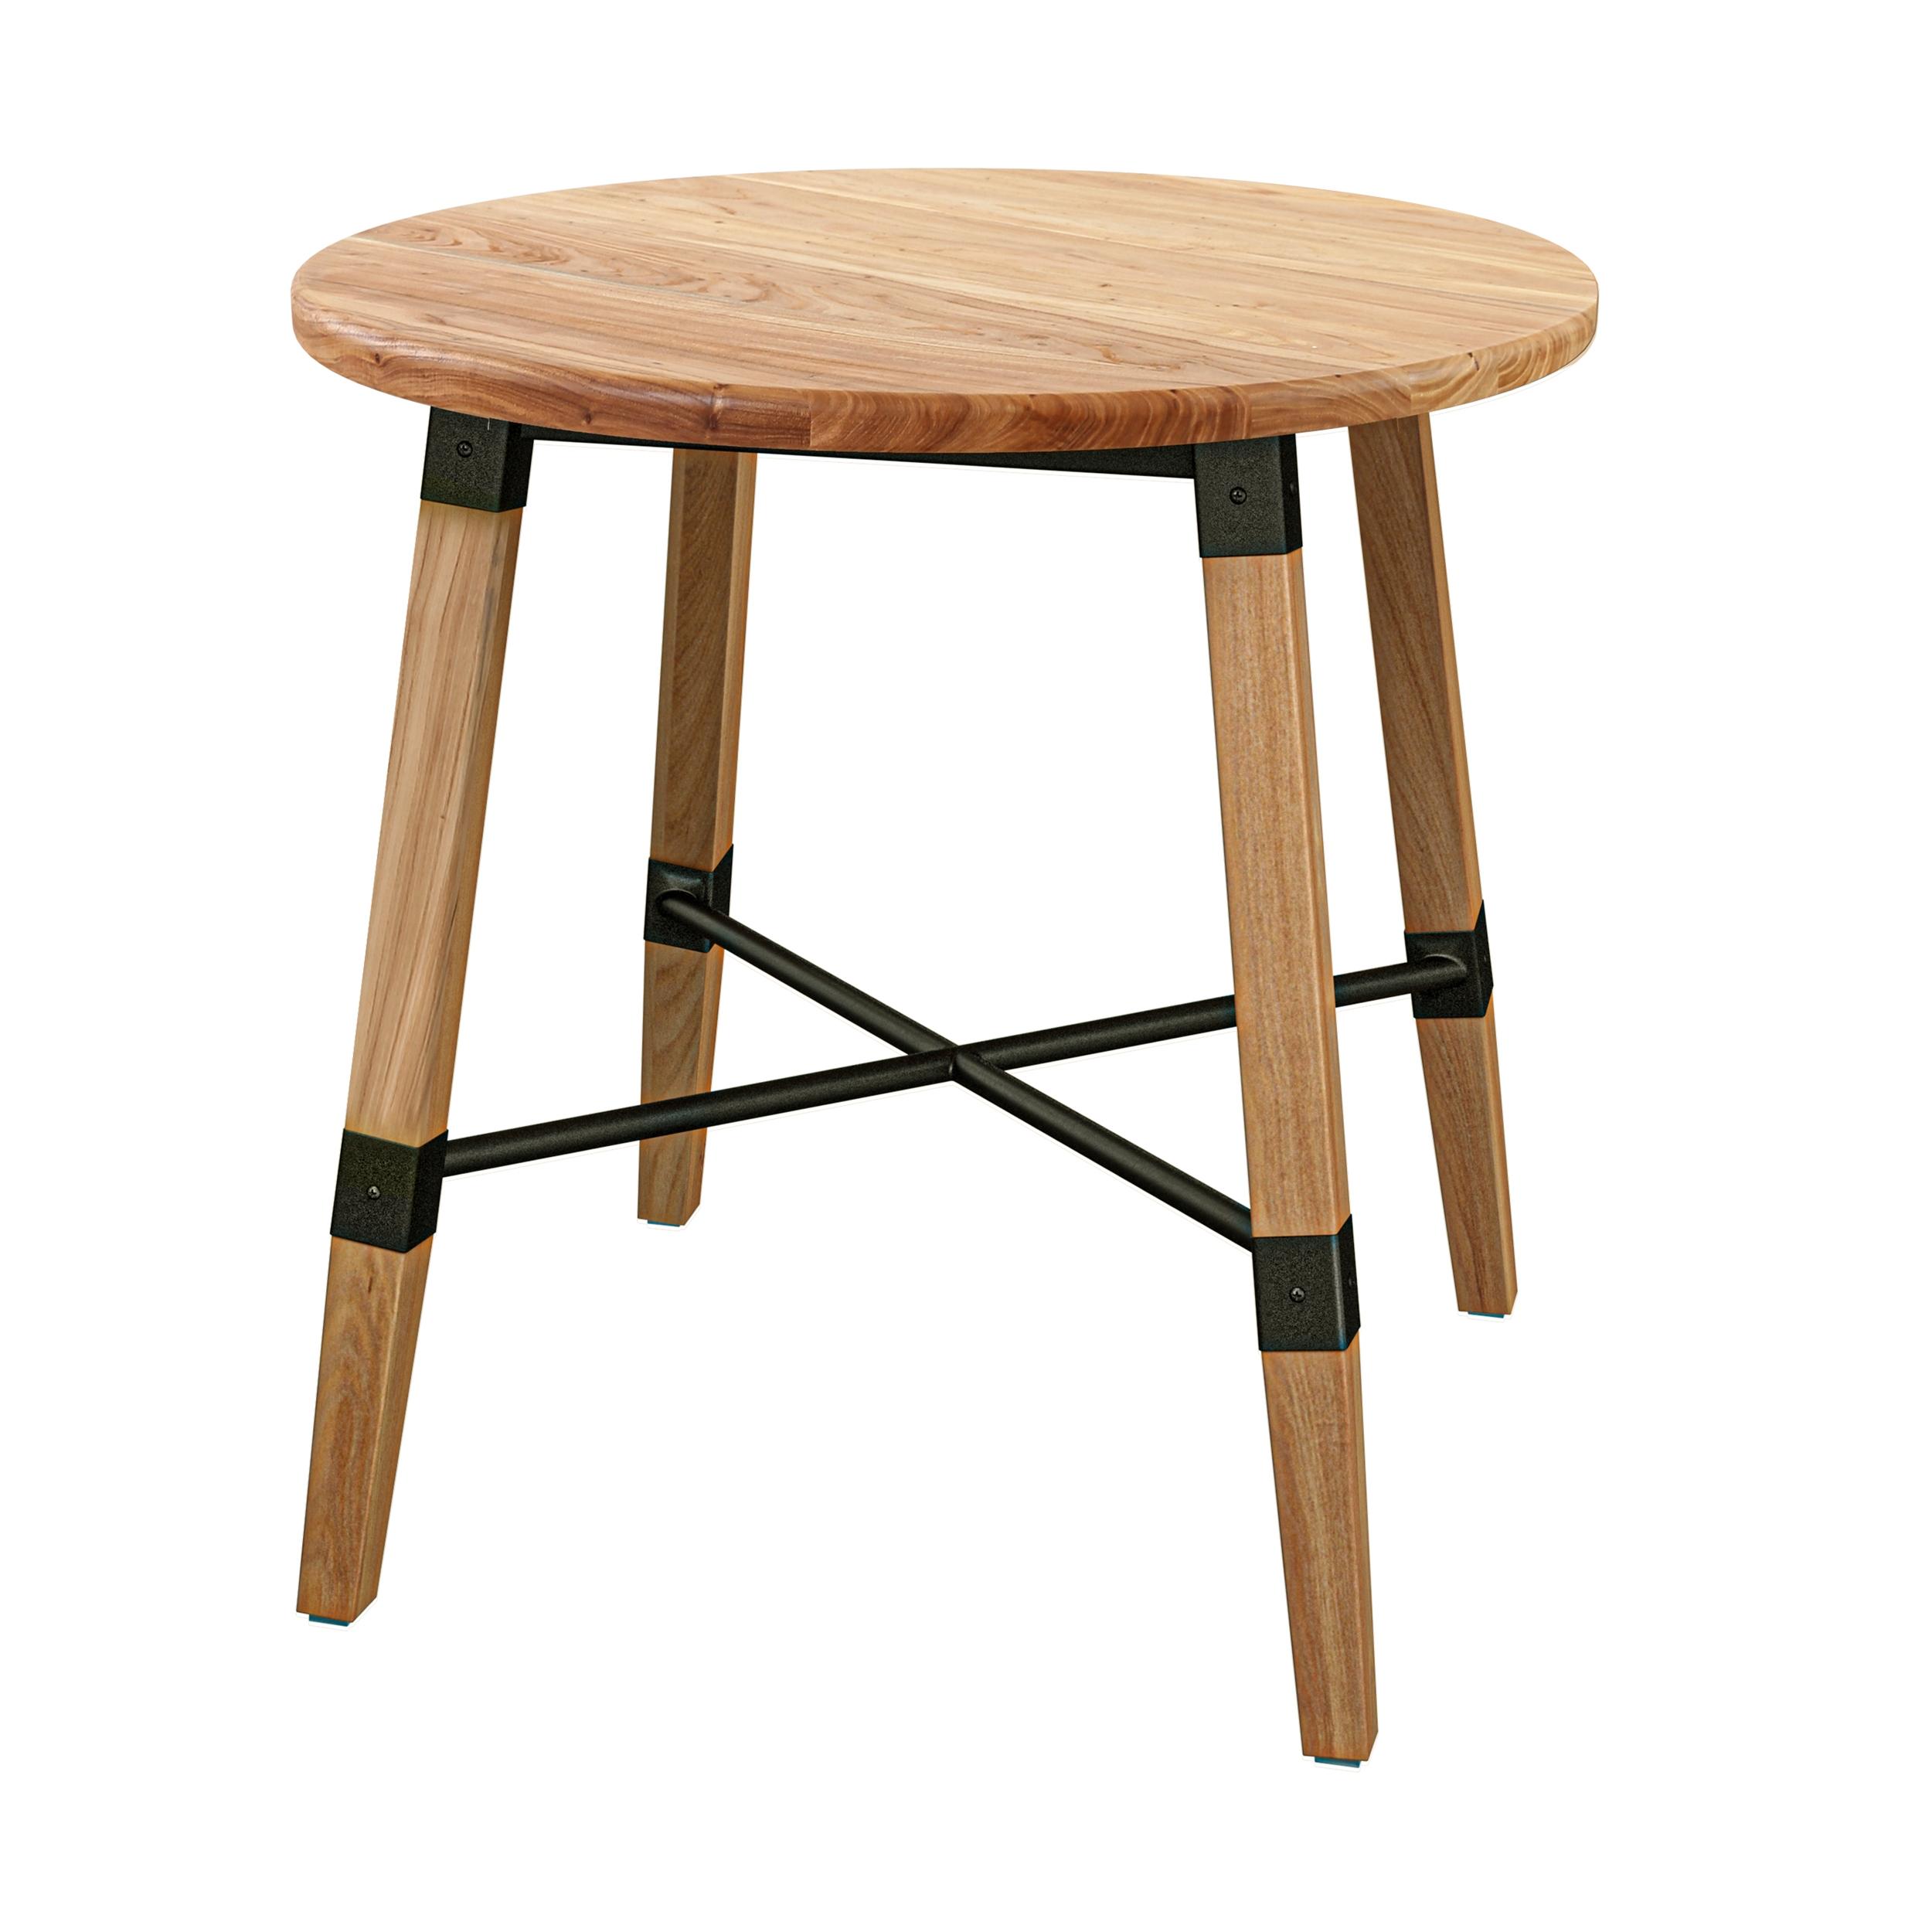 Table ronde en bois de cèdre 2 personnes